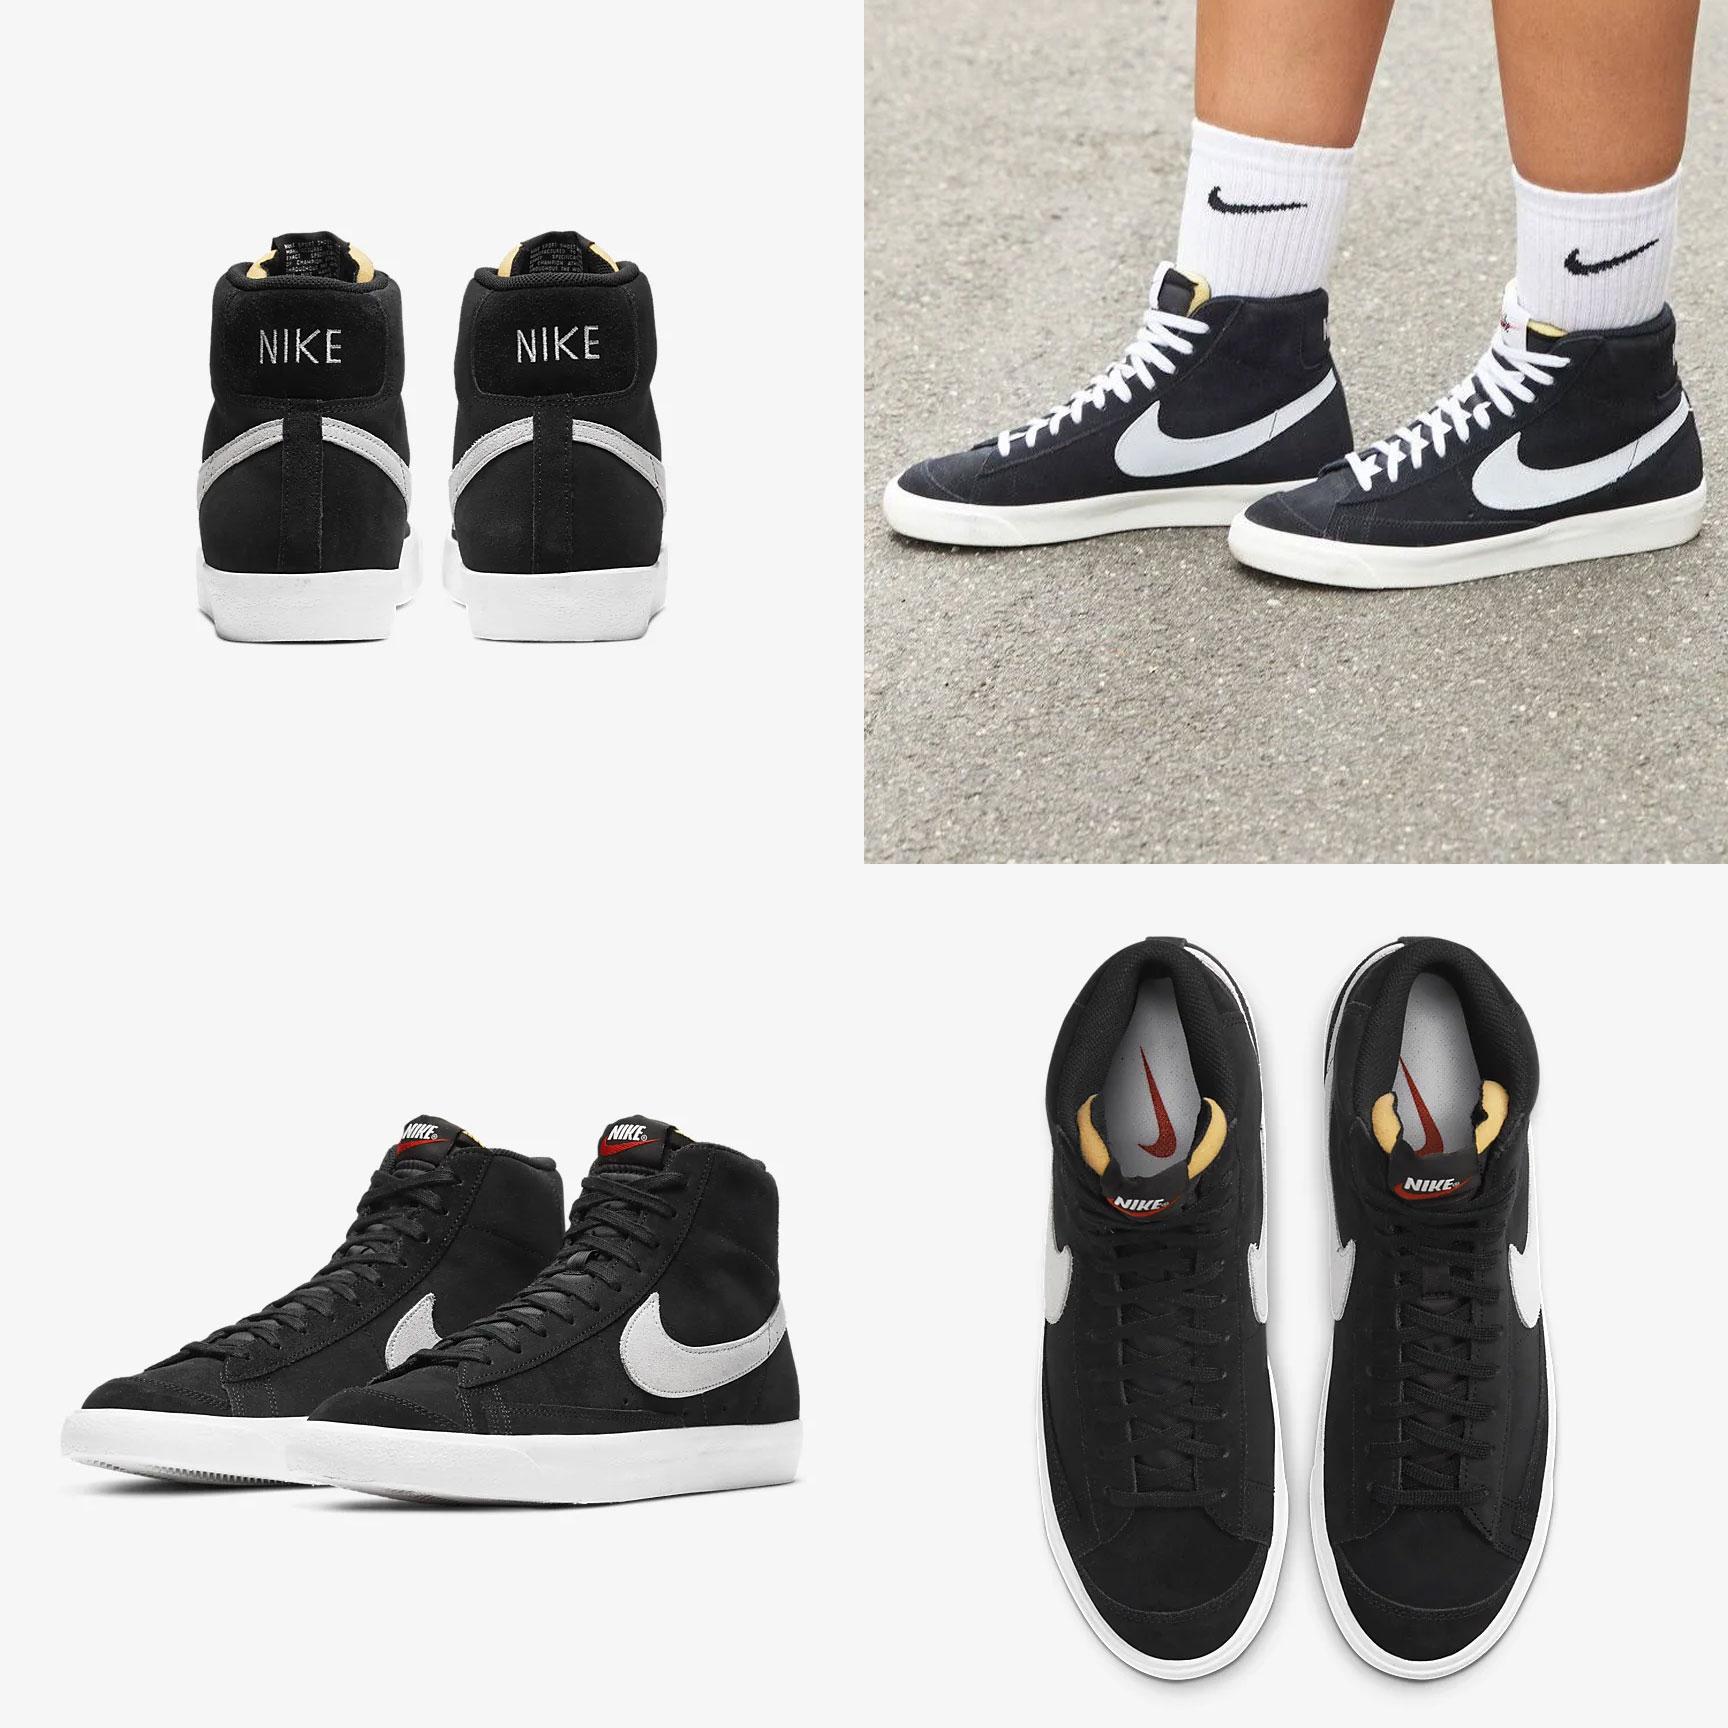 Nike Blazer Mid '77 Suede unisex sneakers @ NIKE